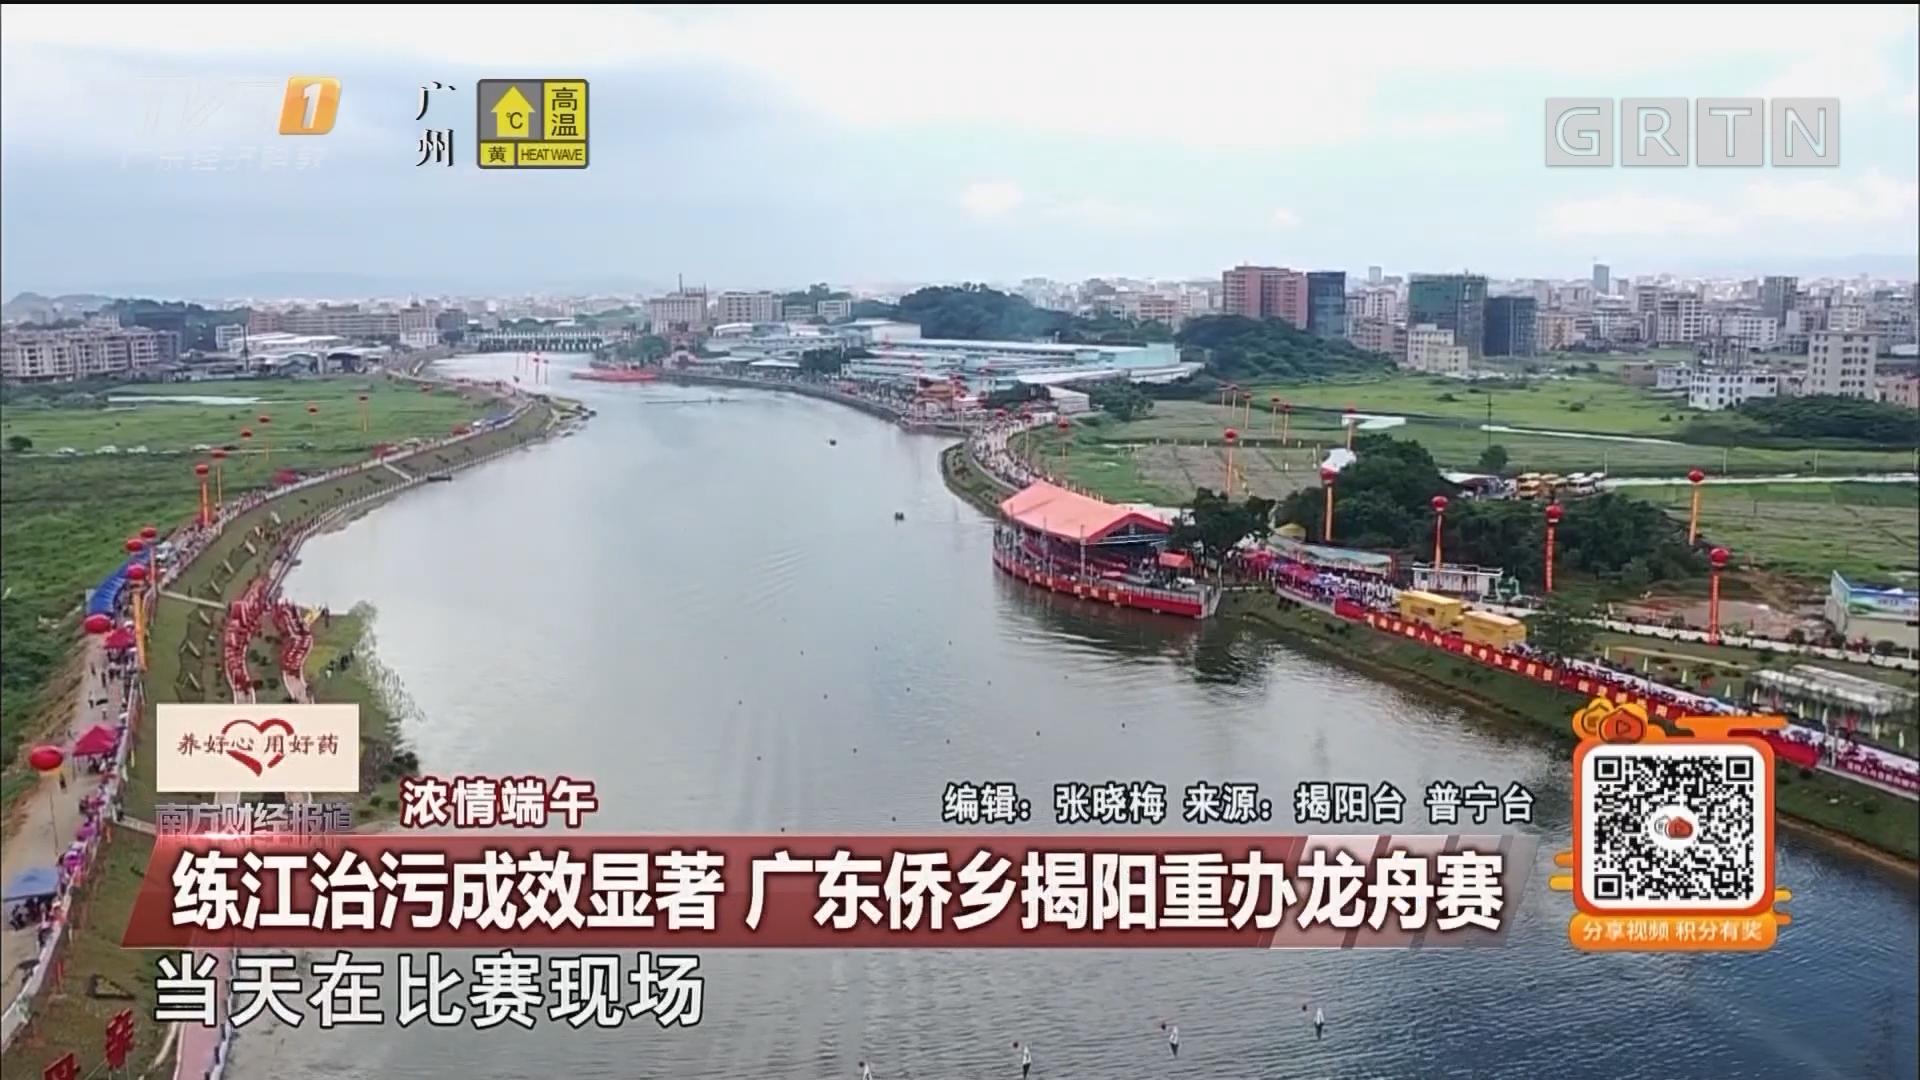 练江治污成效显著 广东侨乡揭阳重办龙舟赛